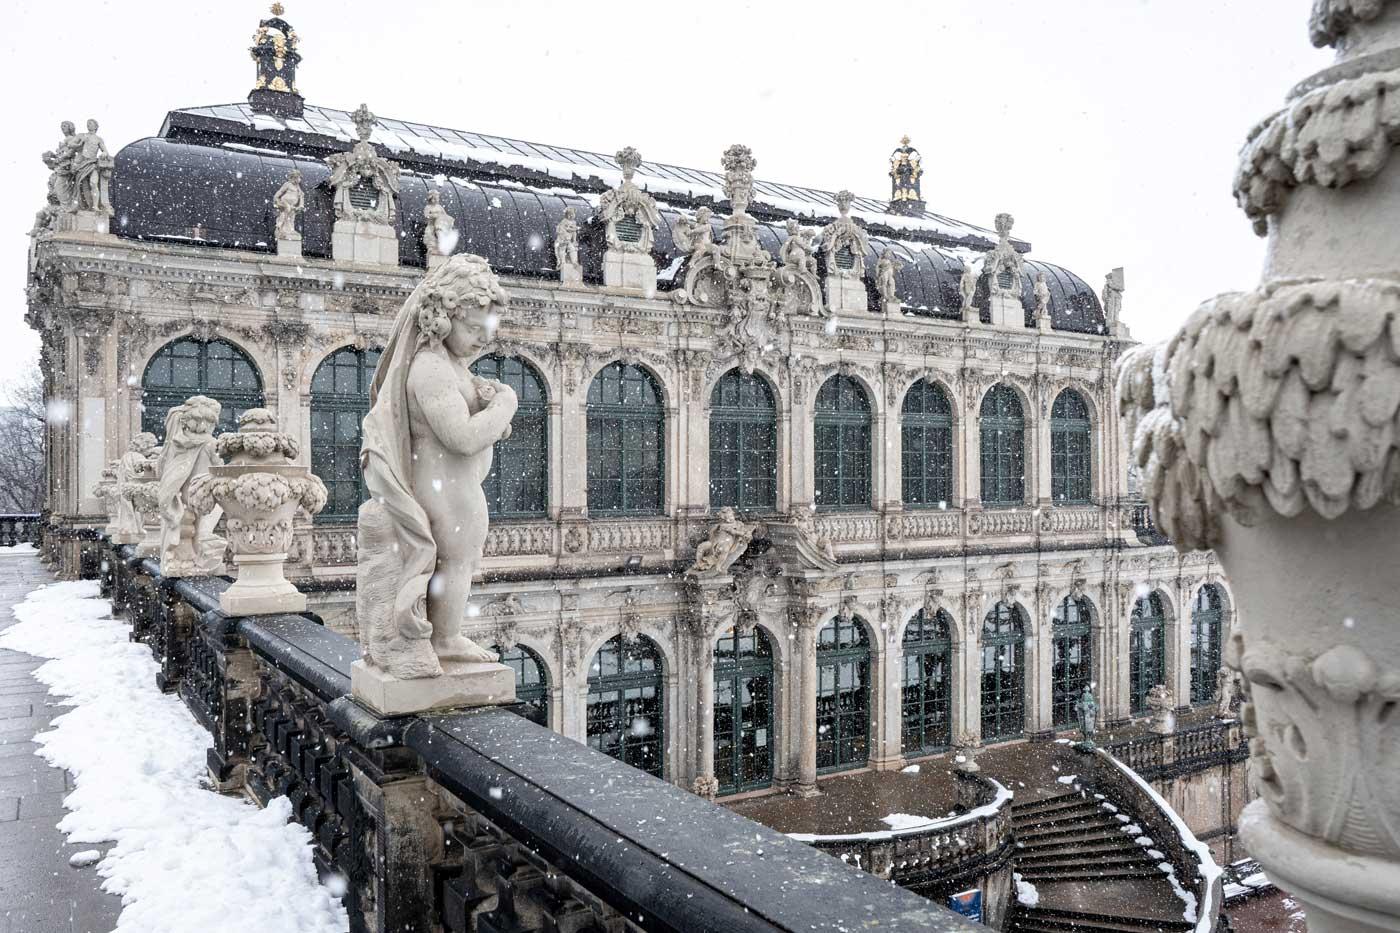 Blick in den verschneiten Innenhof des Dresdner Zwingers.